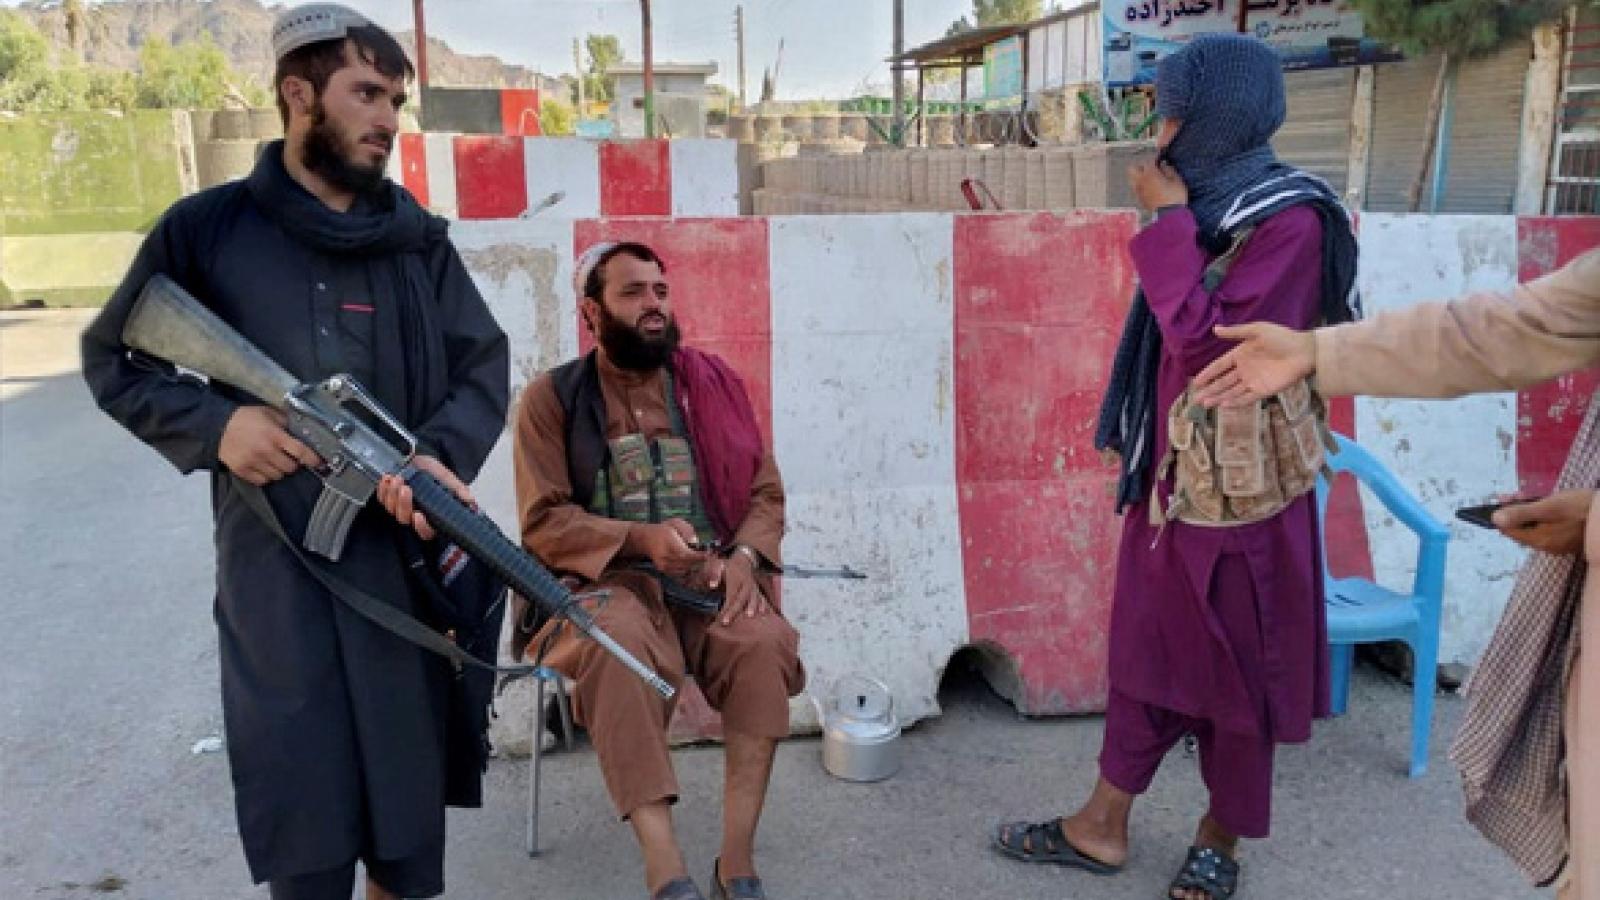 Lo ngại tình hình an ninh tại Afganistan, nhiều nước rút phái đoàn ngoại giao về nước